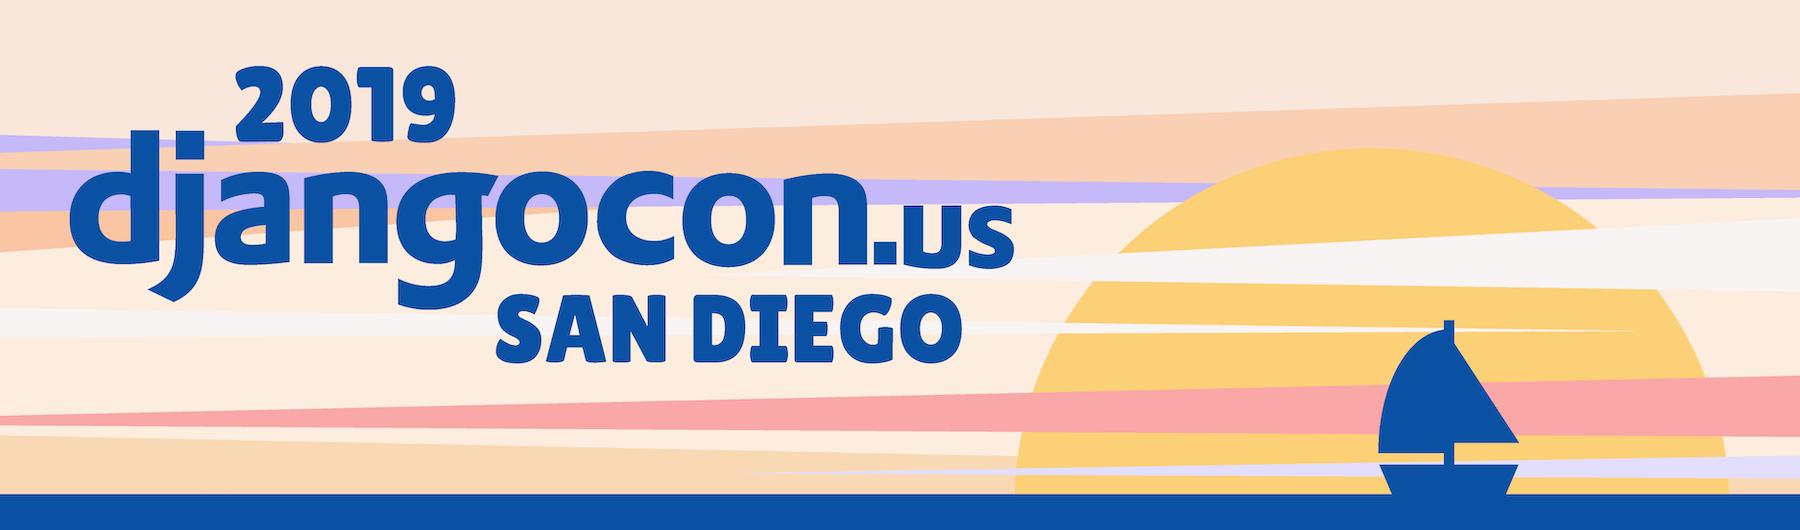 DjangoCon US 2019